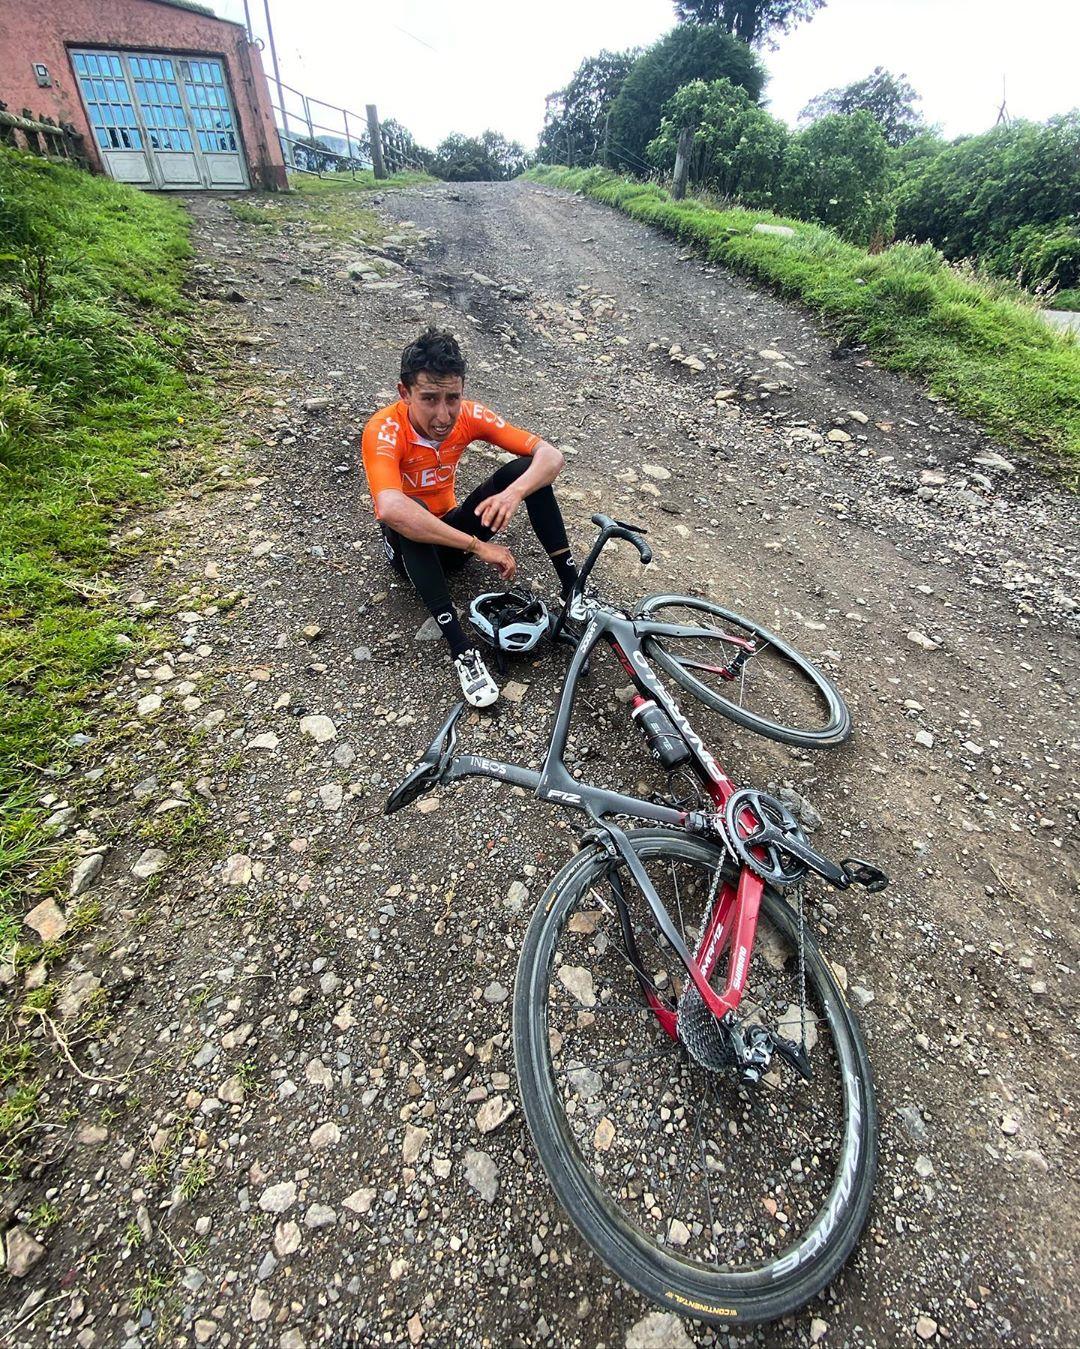 Egan Bernal tvrdě dře v rodné Kolumbii. Dlouhé období bez závodů je pro obhájce triumfu z Tour . Foto: instagram